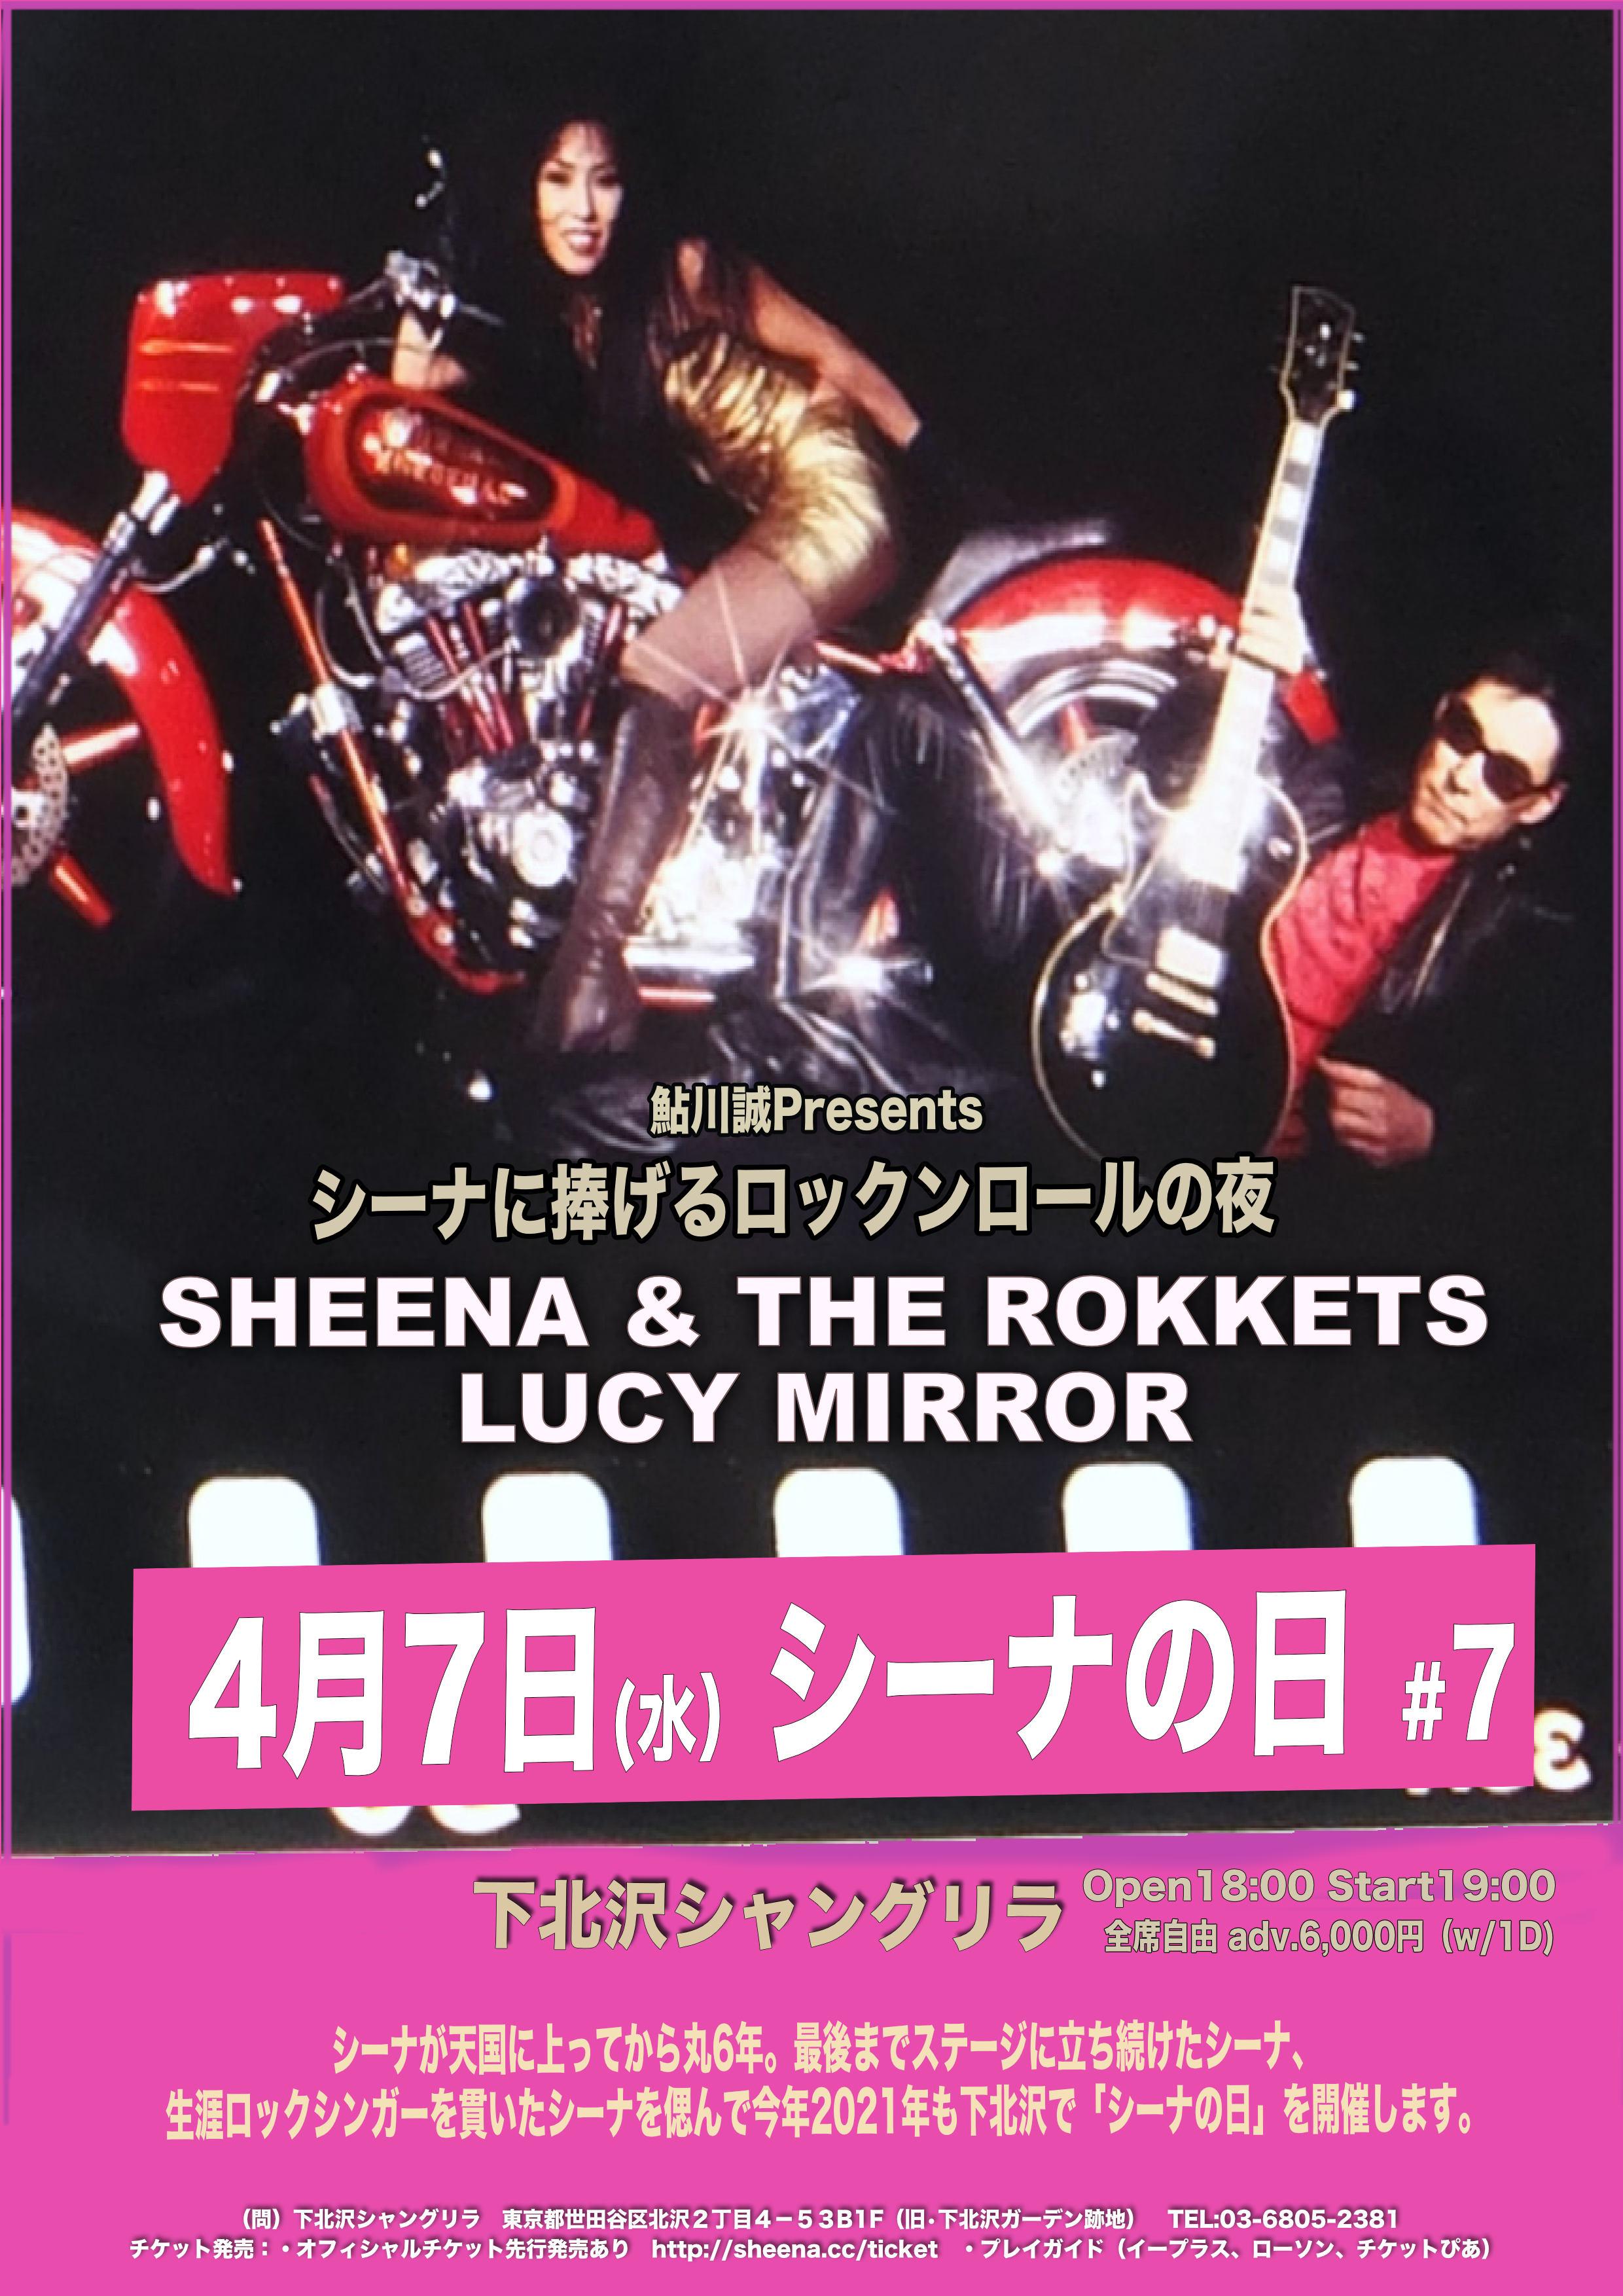 シーナ&ロケッツ 『シーナの日 #7』 -鮎川誠プレゼンツ シーナに捧げるロックンロールの夜